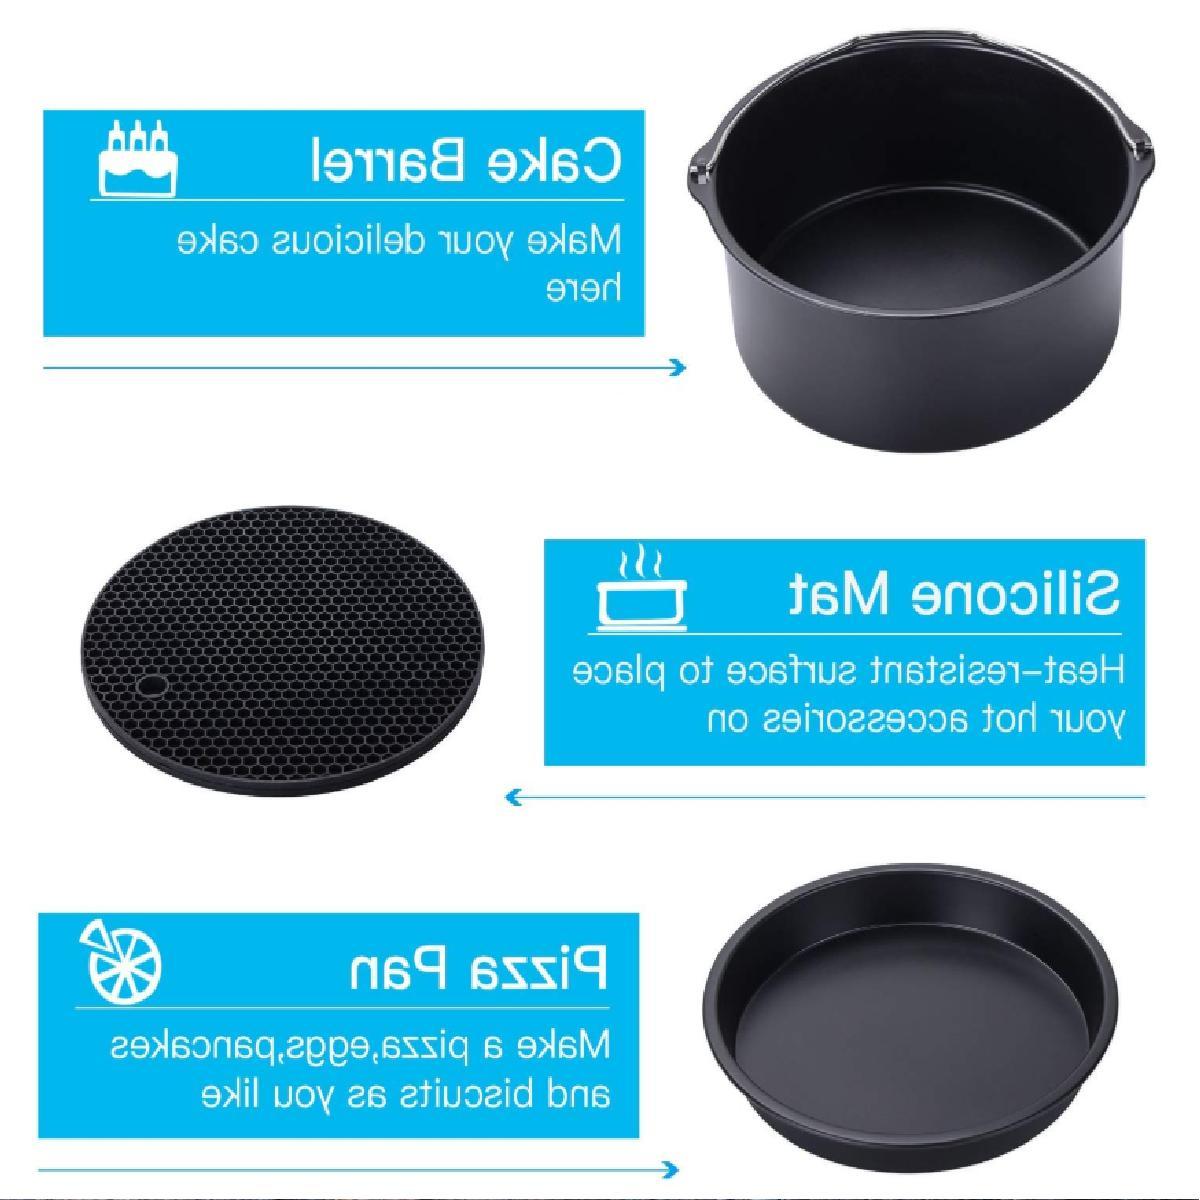 Air-Fryer-Accessories-7-Inch,6 pieces Set for 3.7QT 5.3QT